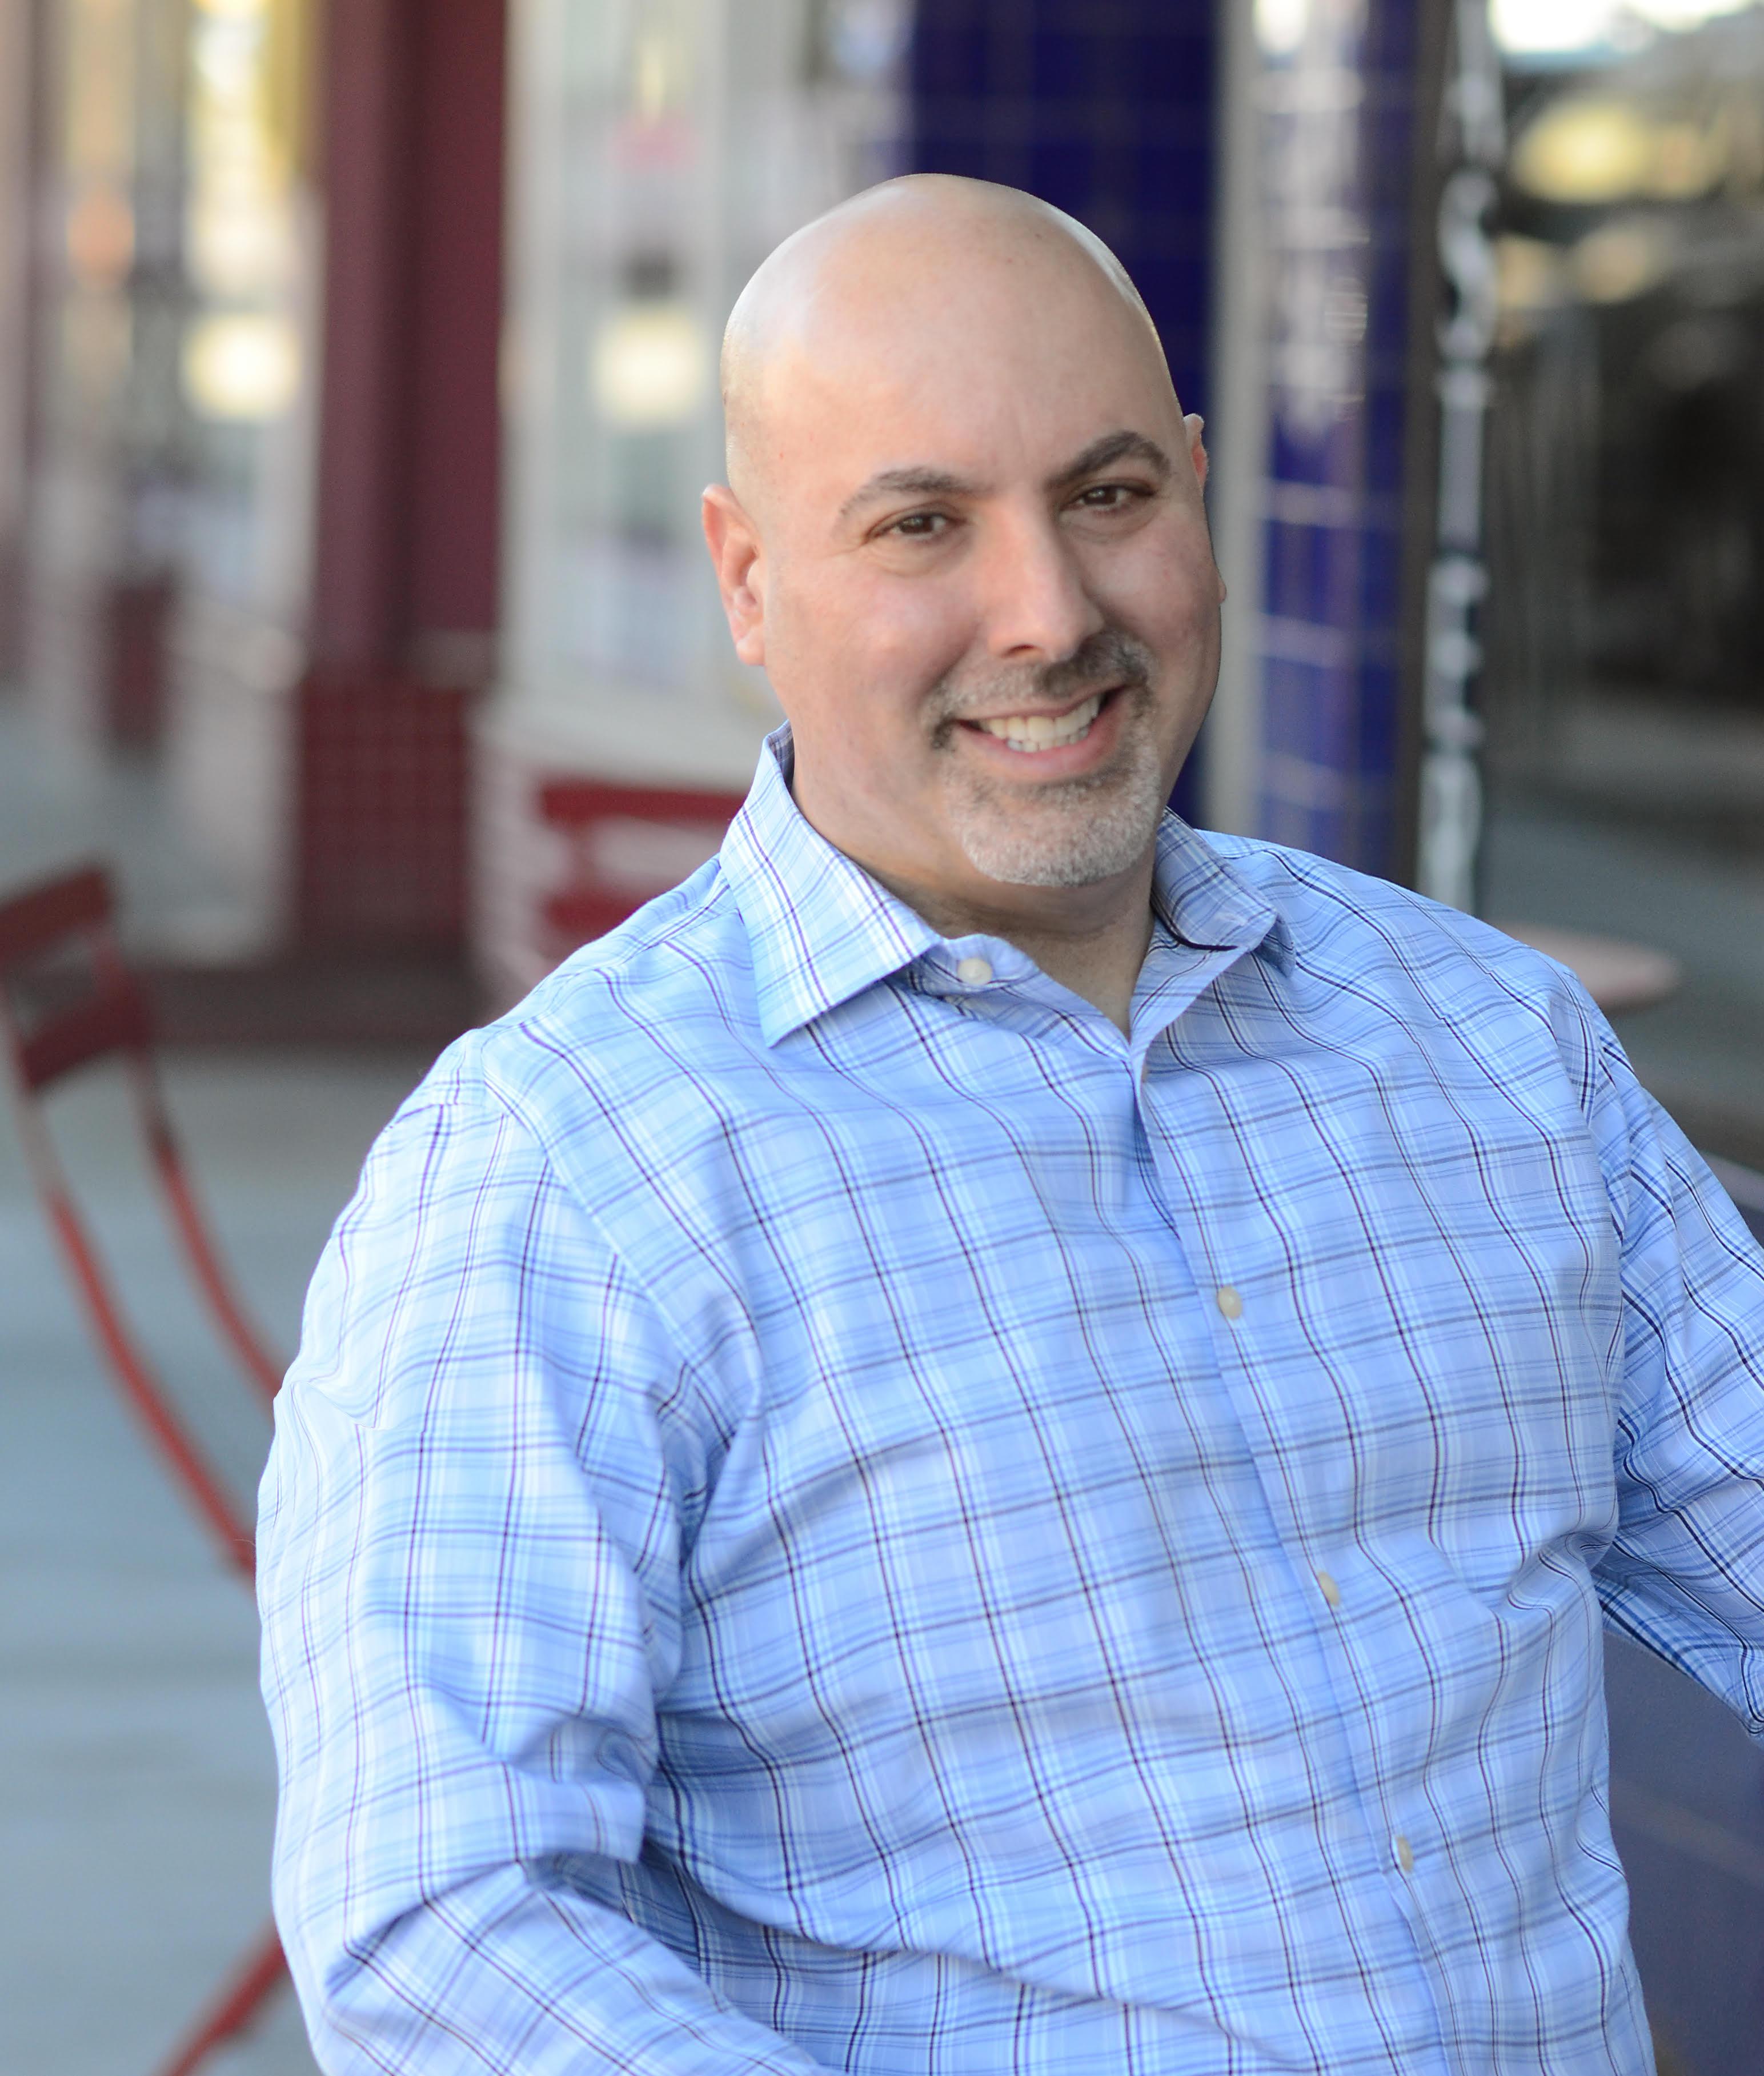 David Mitroff Piedmont Avenue Consulting